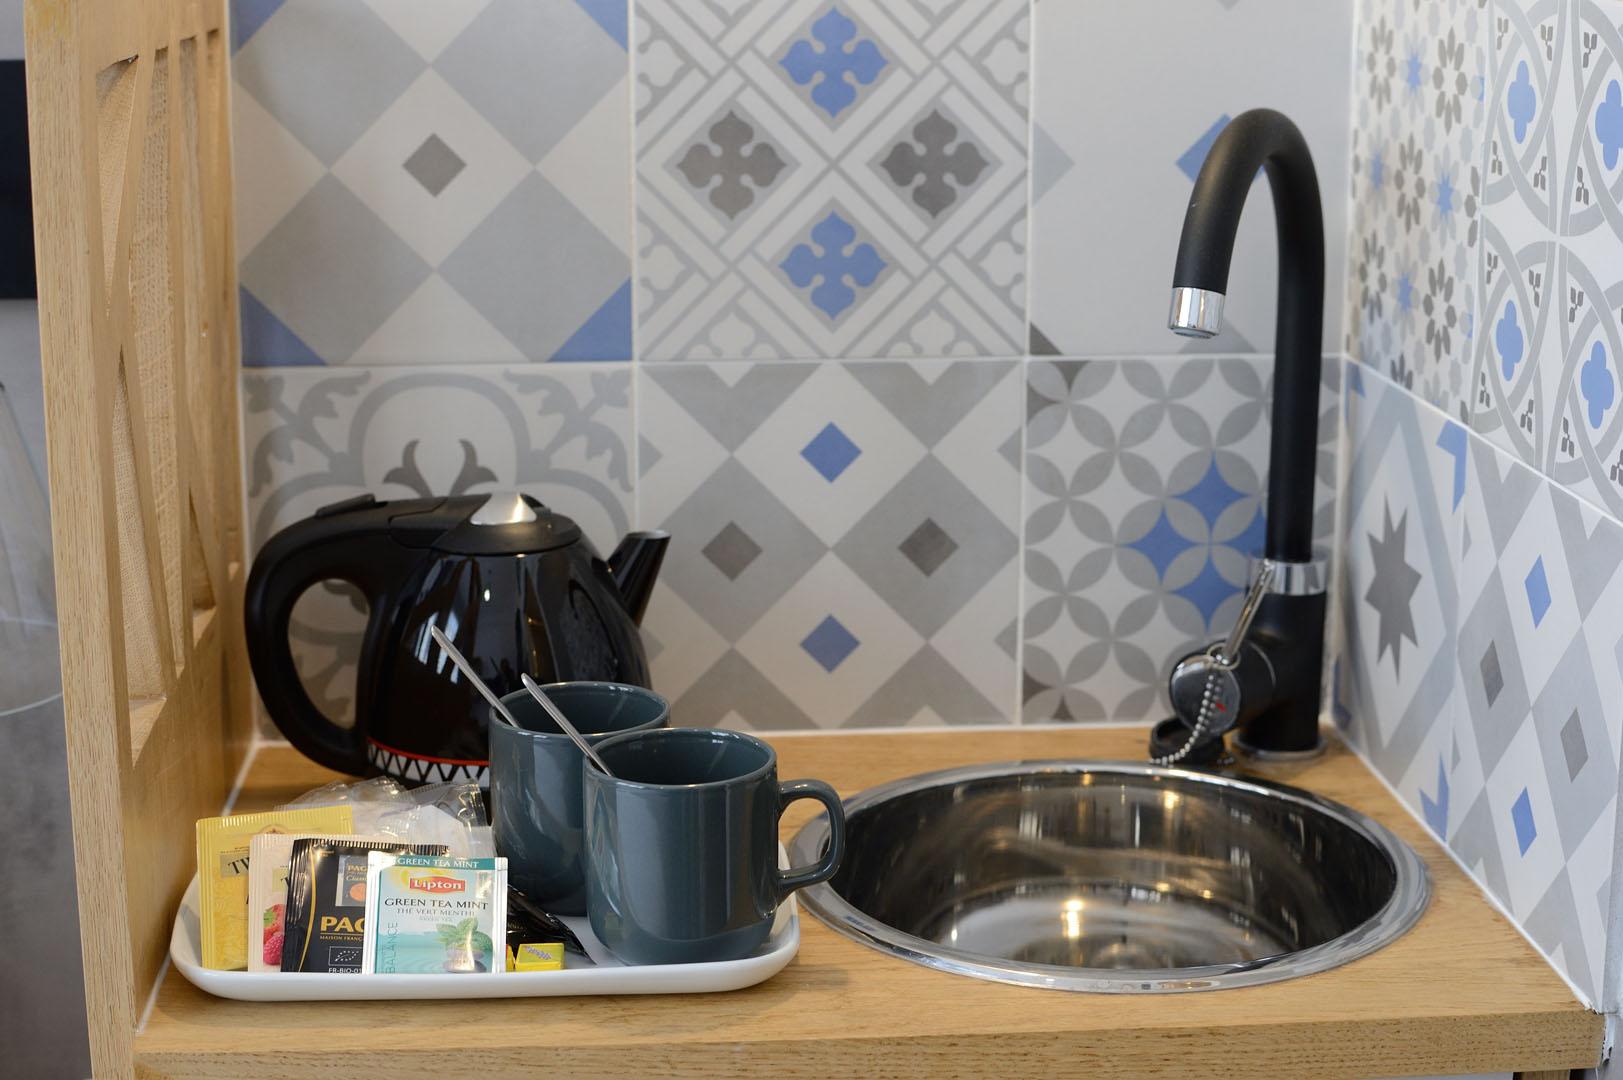 Évier avec bouilloire et thés, dans notre hôtel moderne à Paris, l'hôtel Terre Neuve.